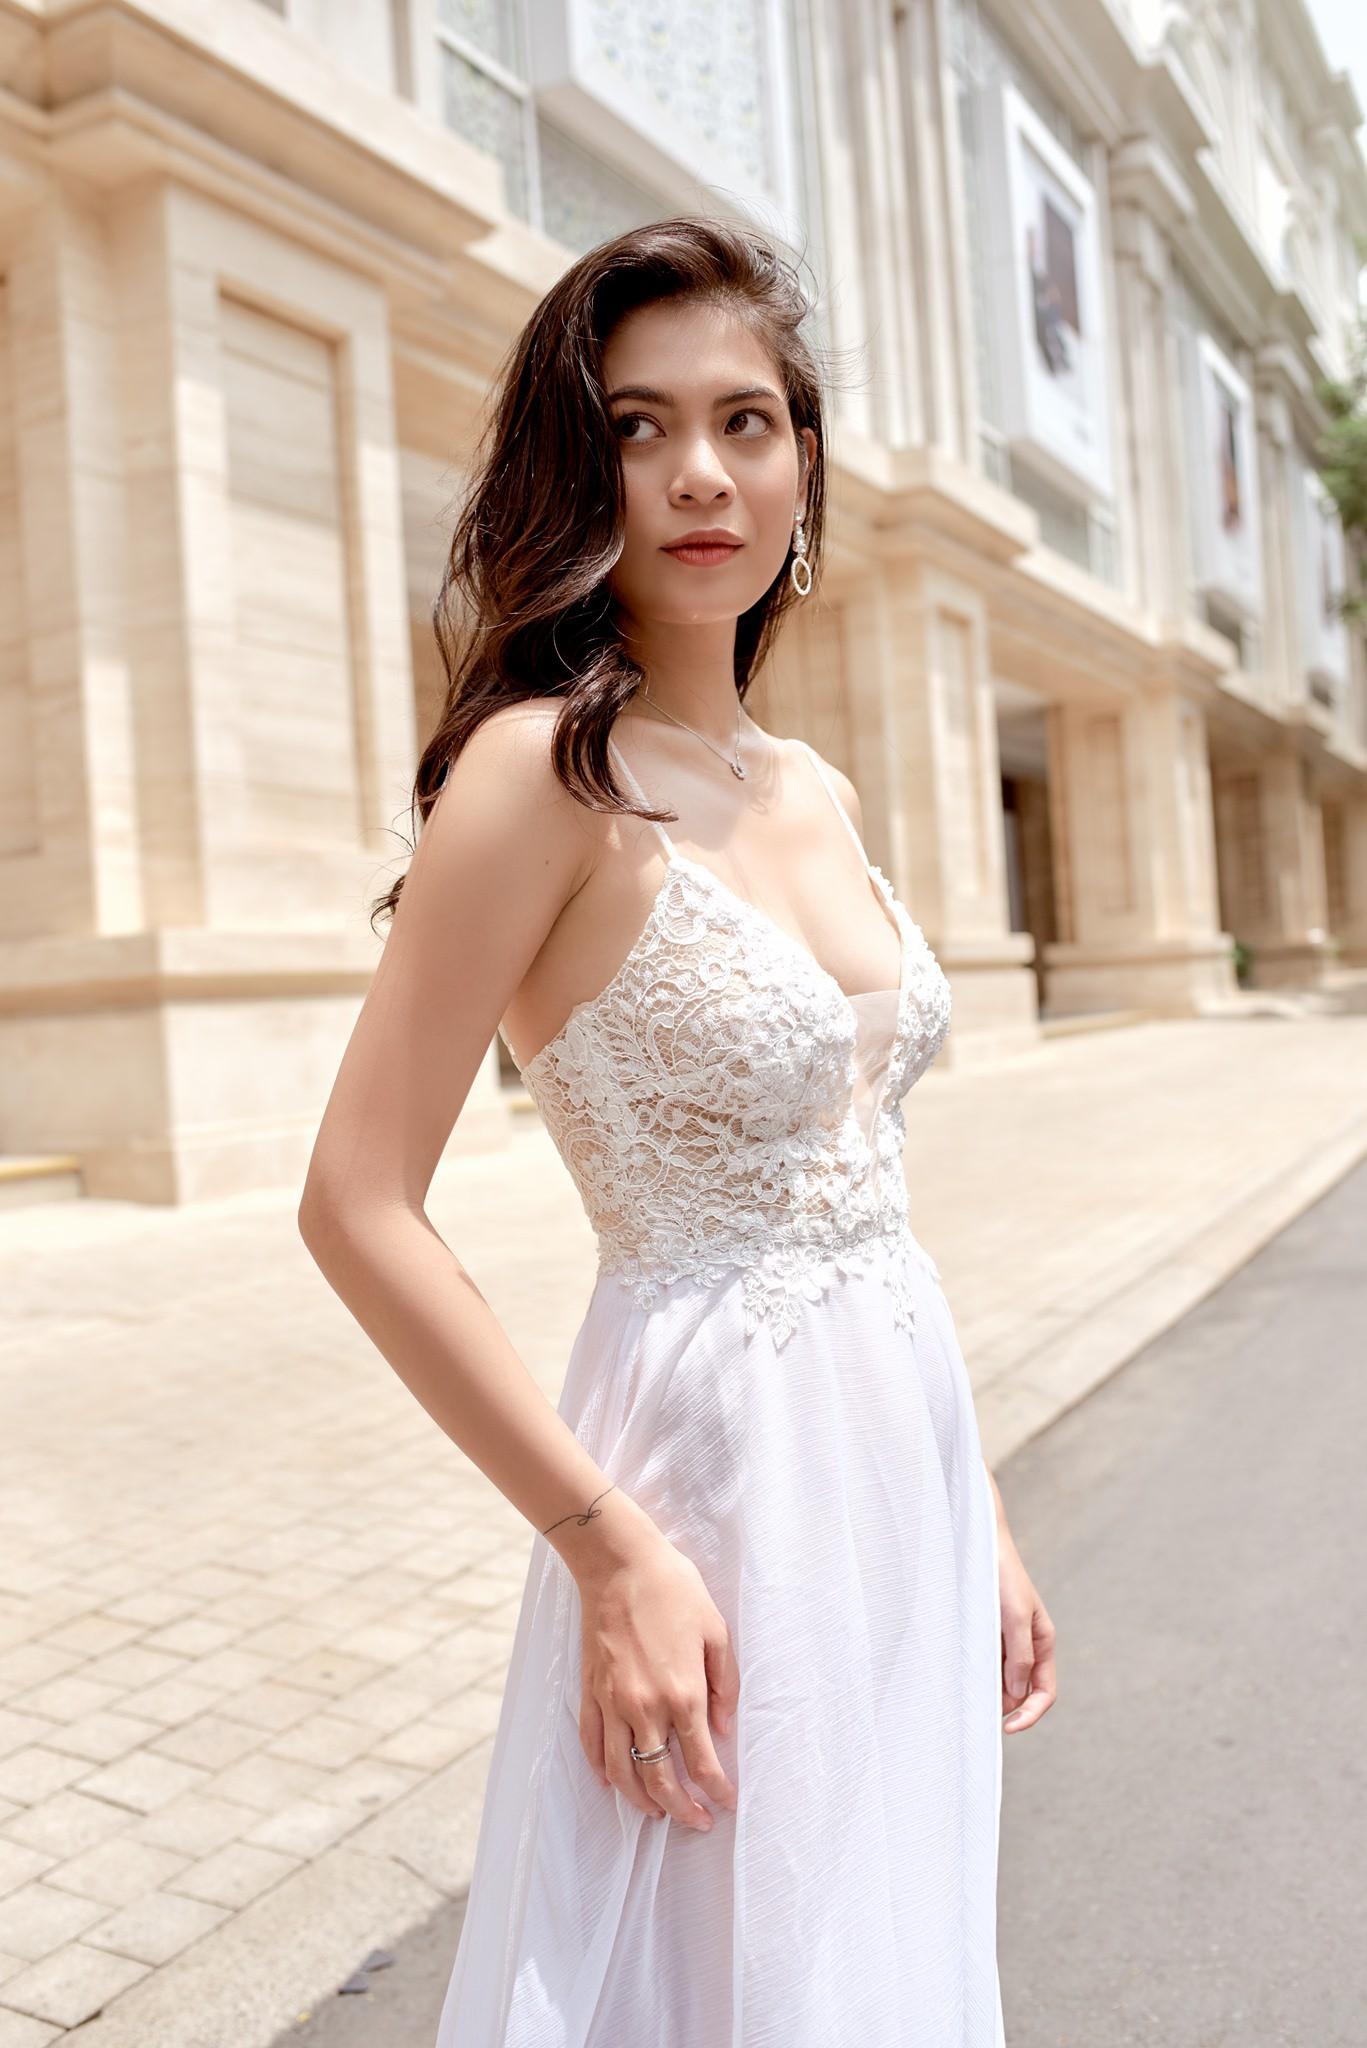 Cream.Y x Daphale, những chiếc váy cưới dành riêng cho cô dâu hiện đại - Ảnh 6.